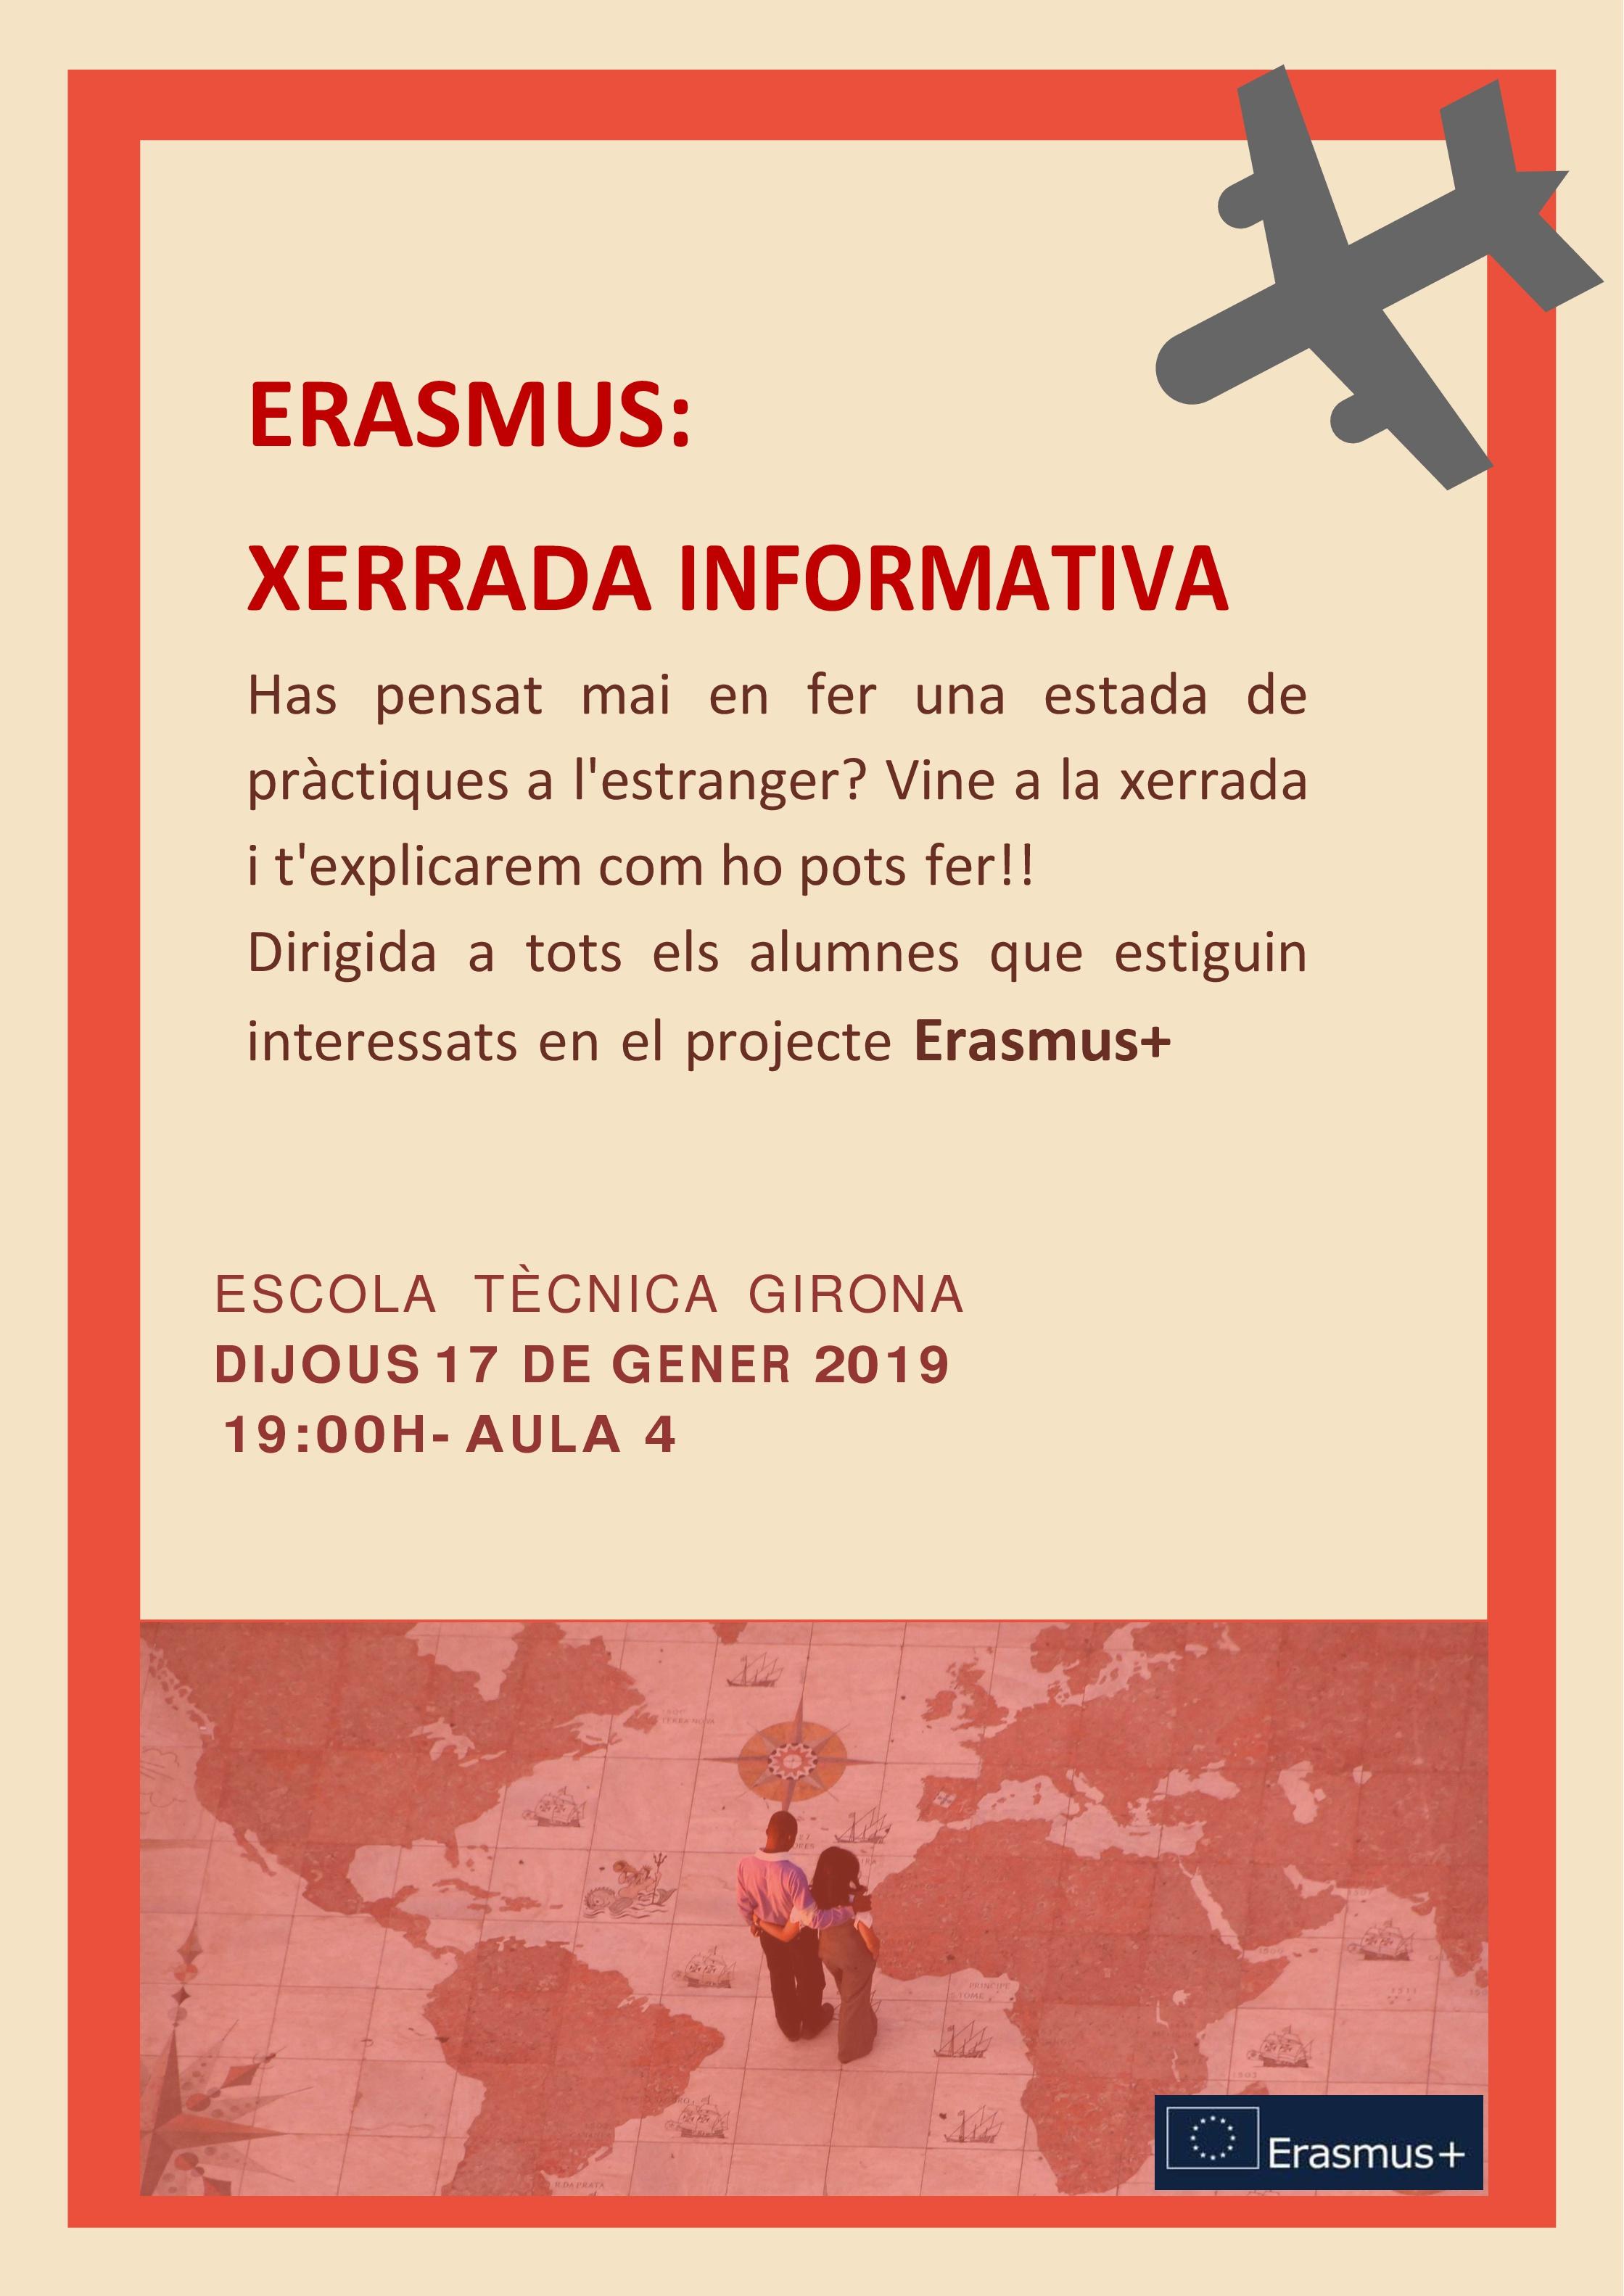 El dijous xerrada informativa sobre el projecte Erasmus+